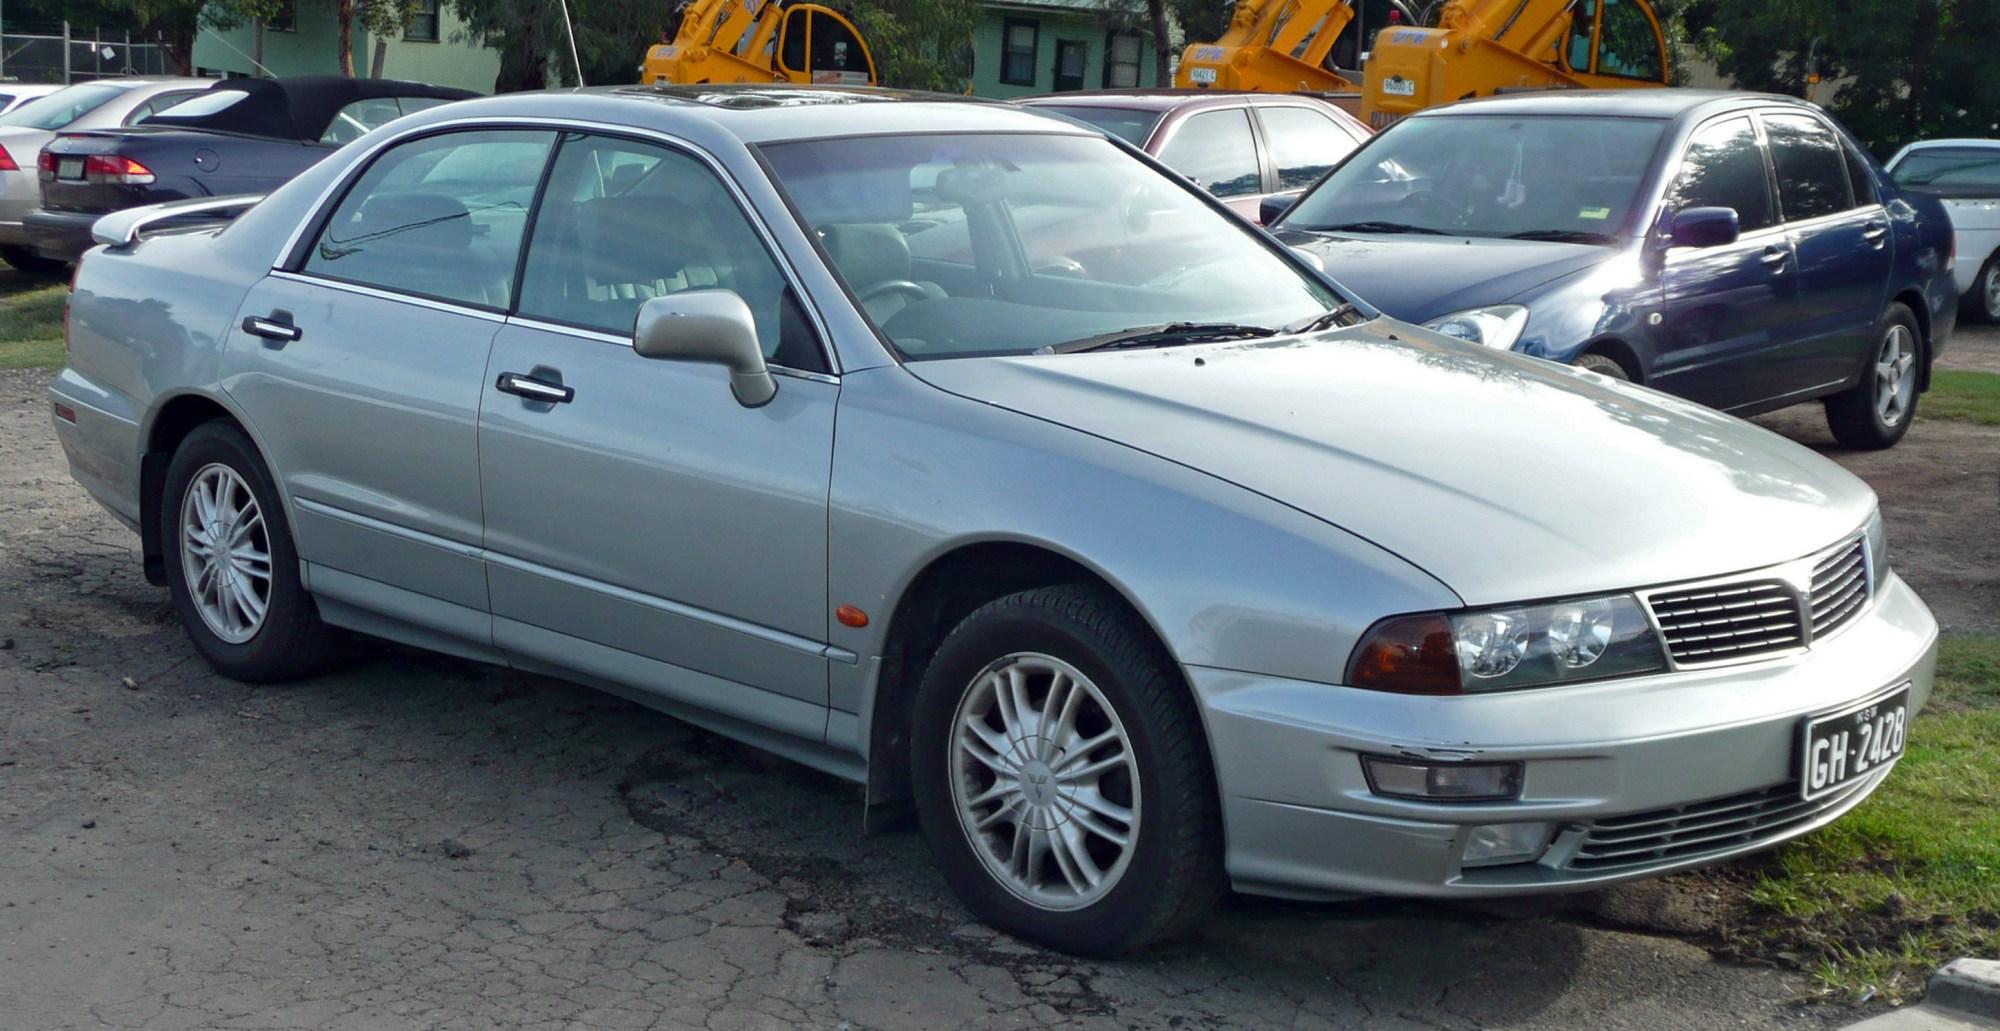 hight resolution of file 1999 2000 mitsubishi kh verada xi sedan 03 jpg